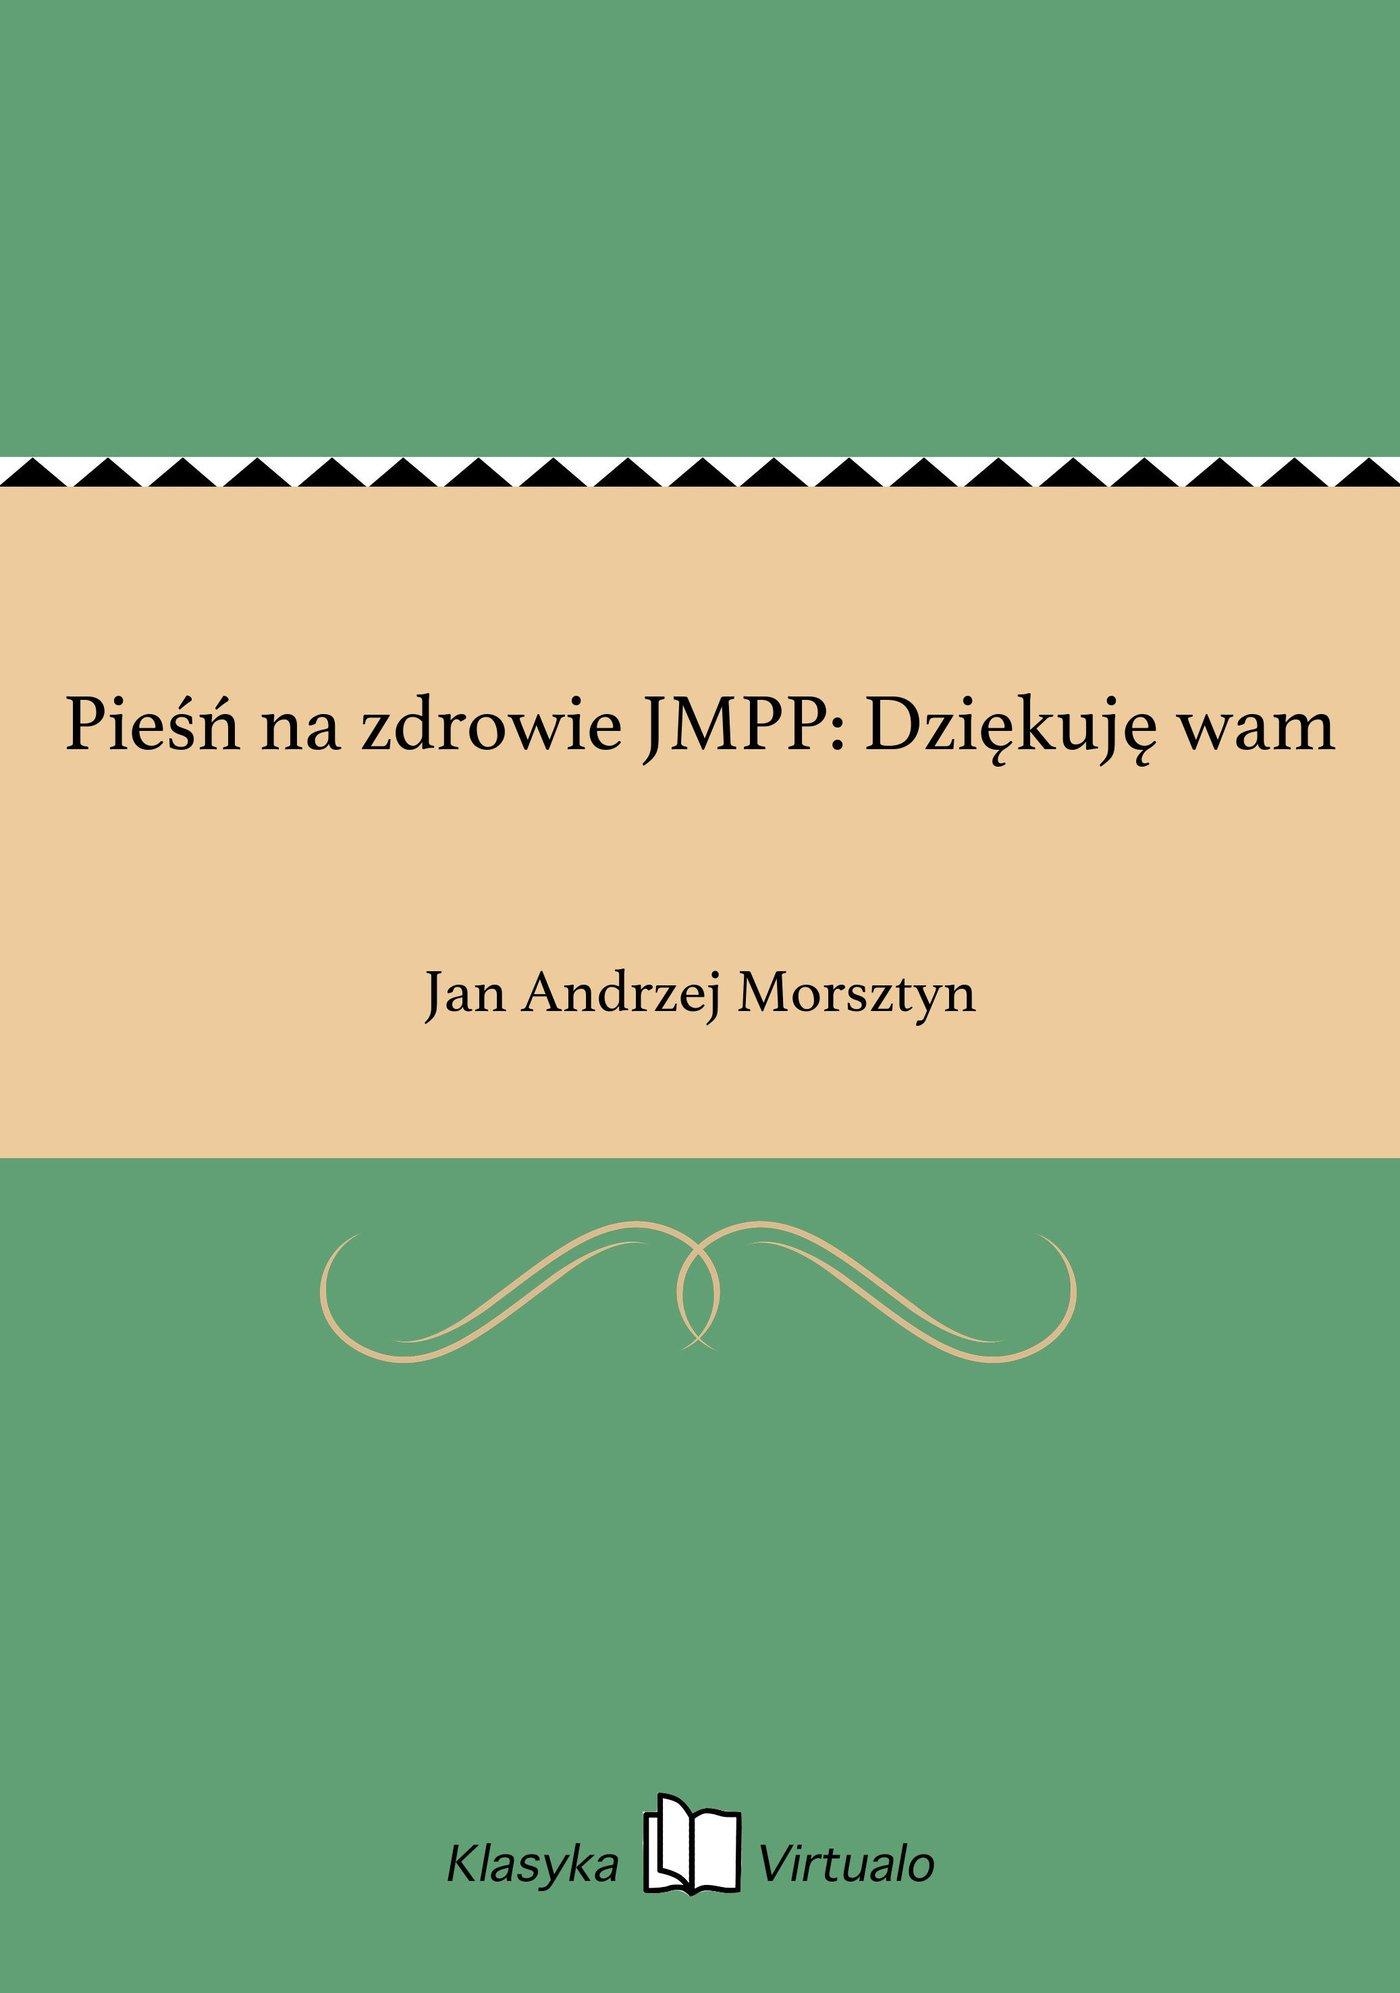 Pieśń na zdrowie JMPP: Dziękuję wam - Ebook (Książka EPUB) do pobrania w formacie EPUB